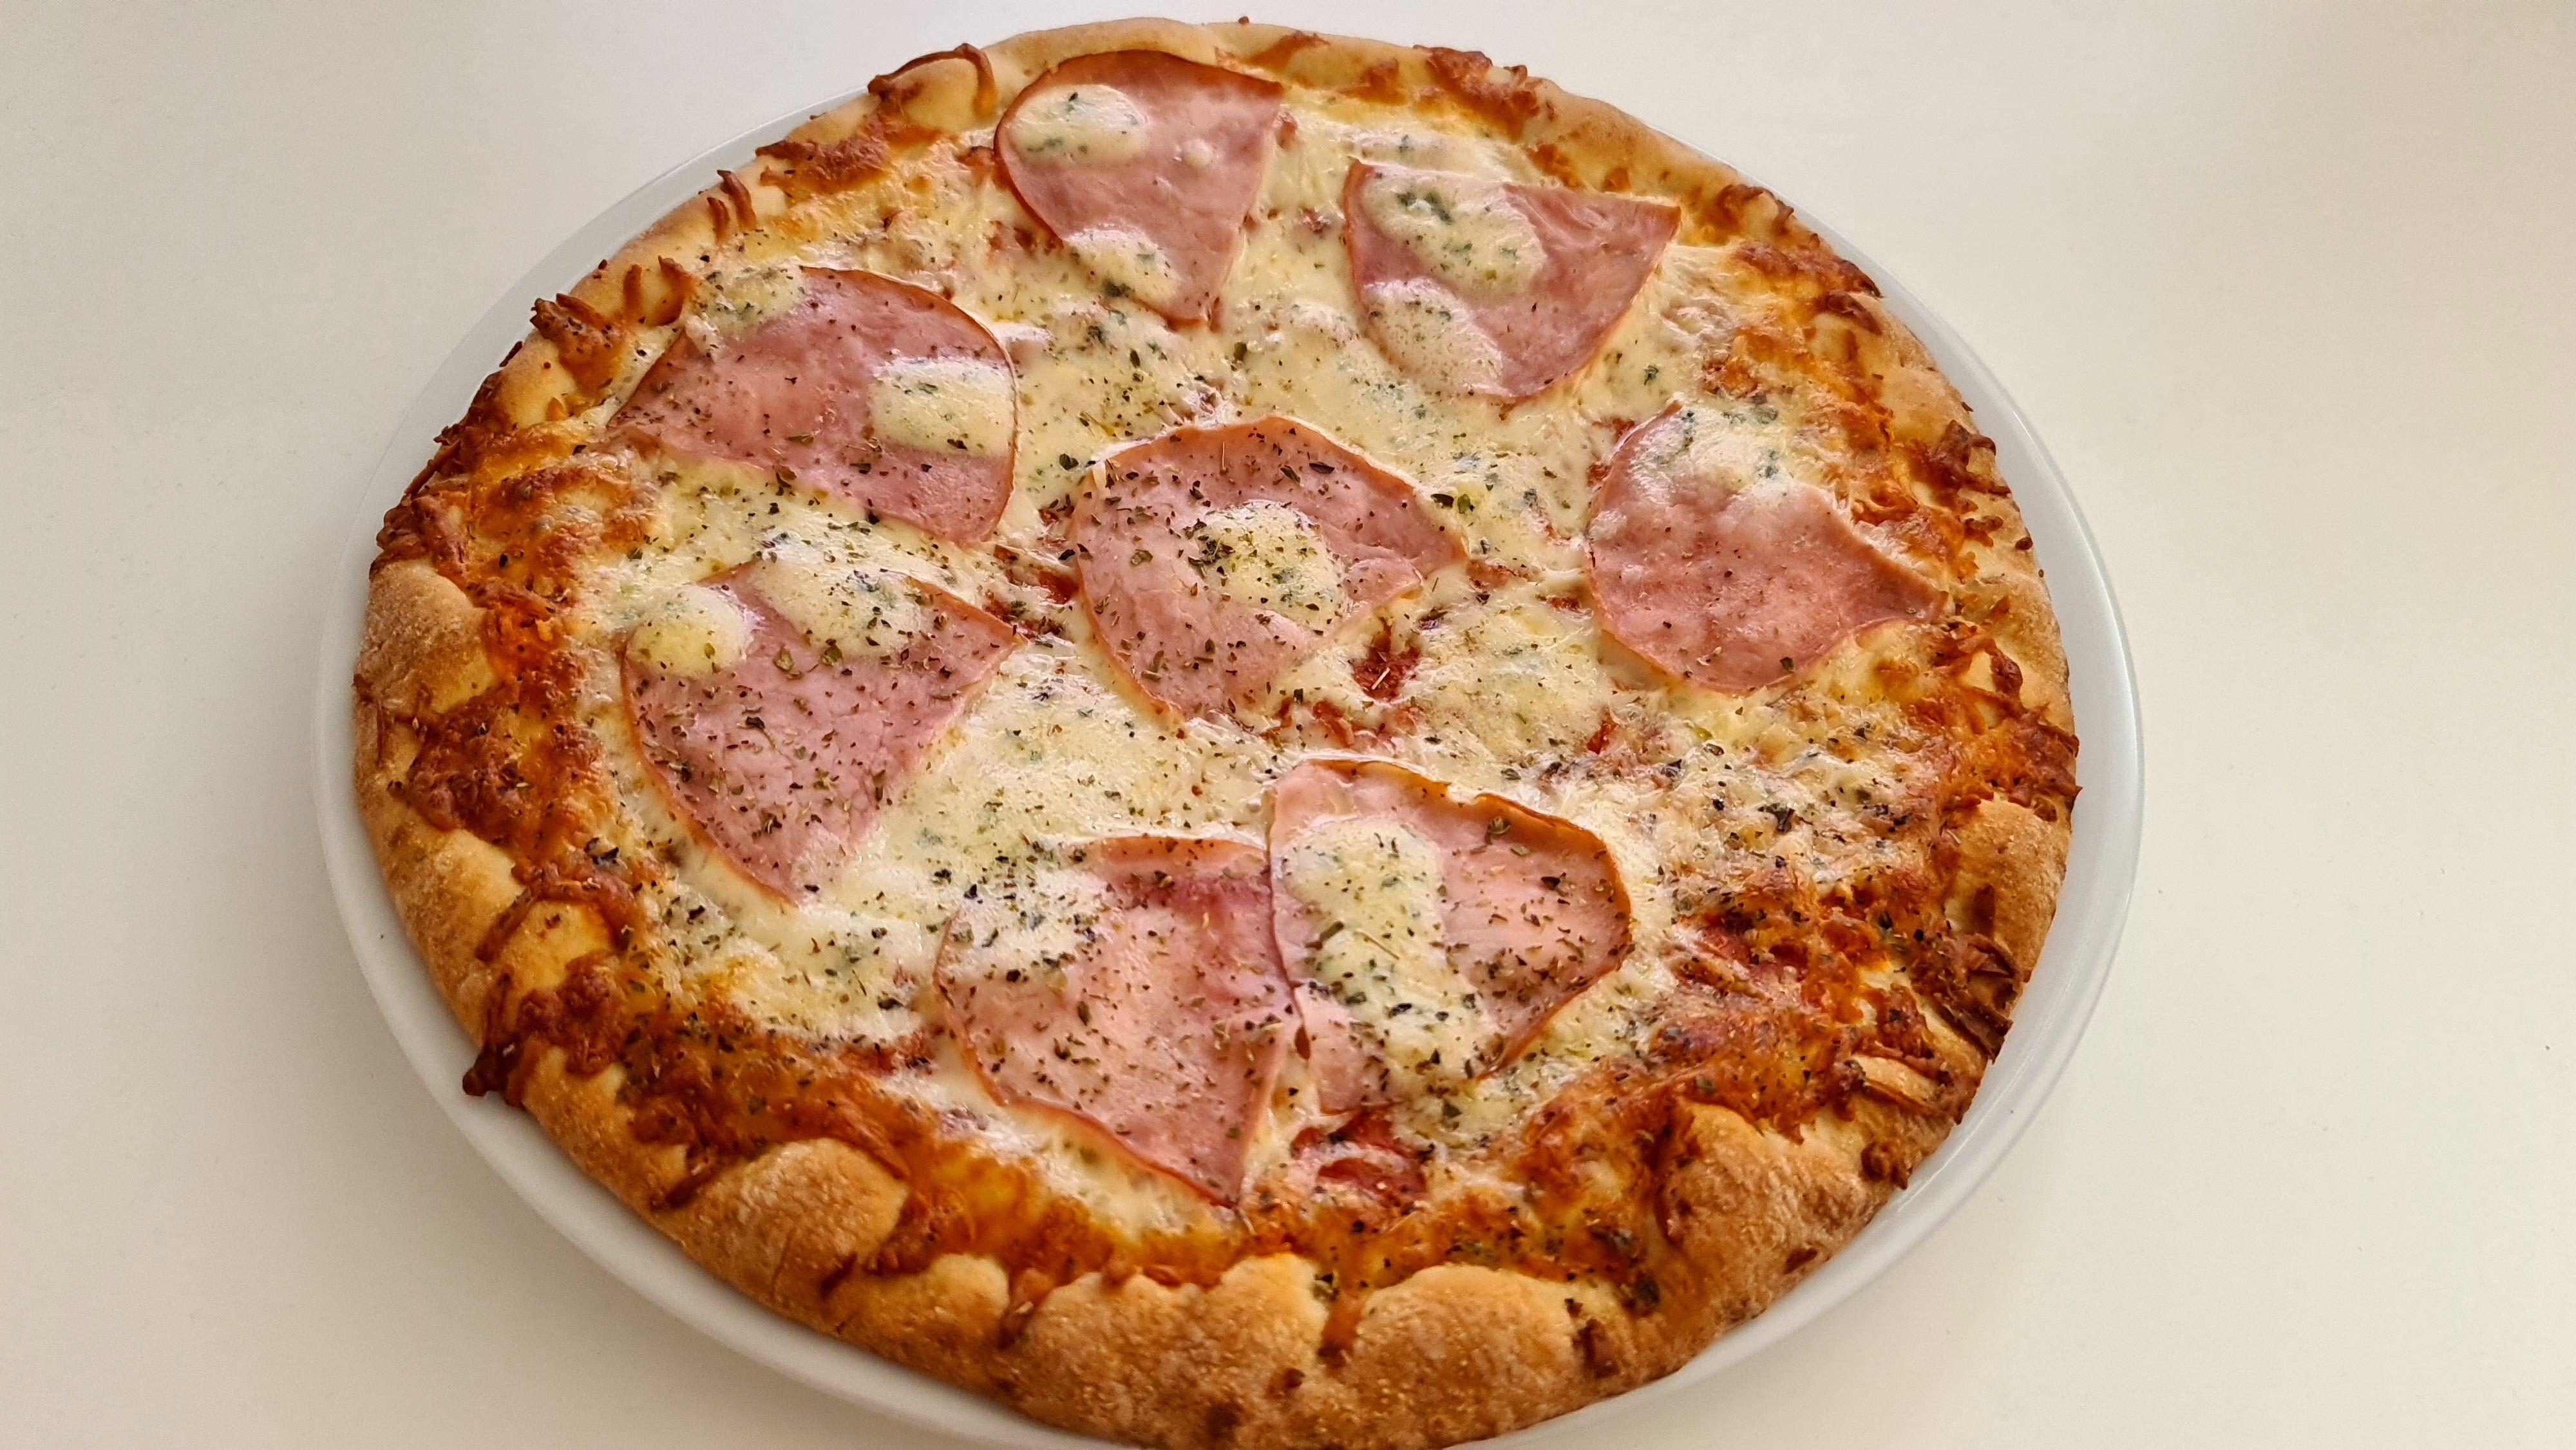 https://foodloader.net/Holz_2020-11-14_Pizza.jpg